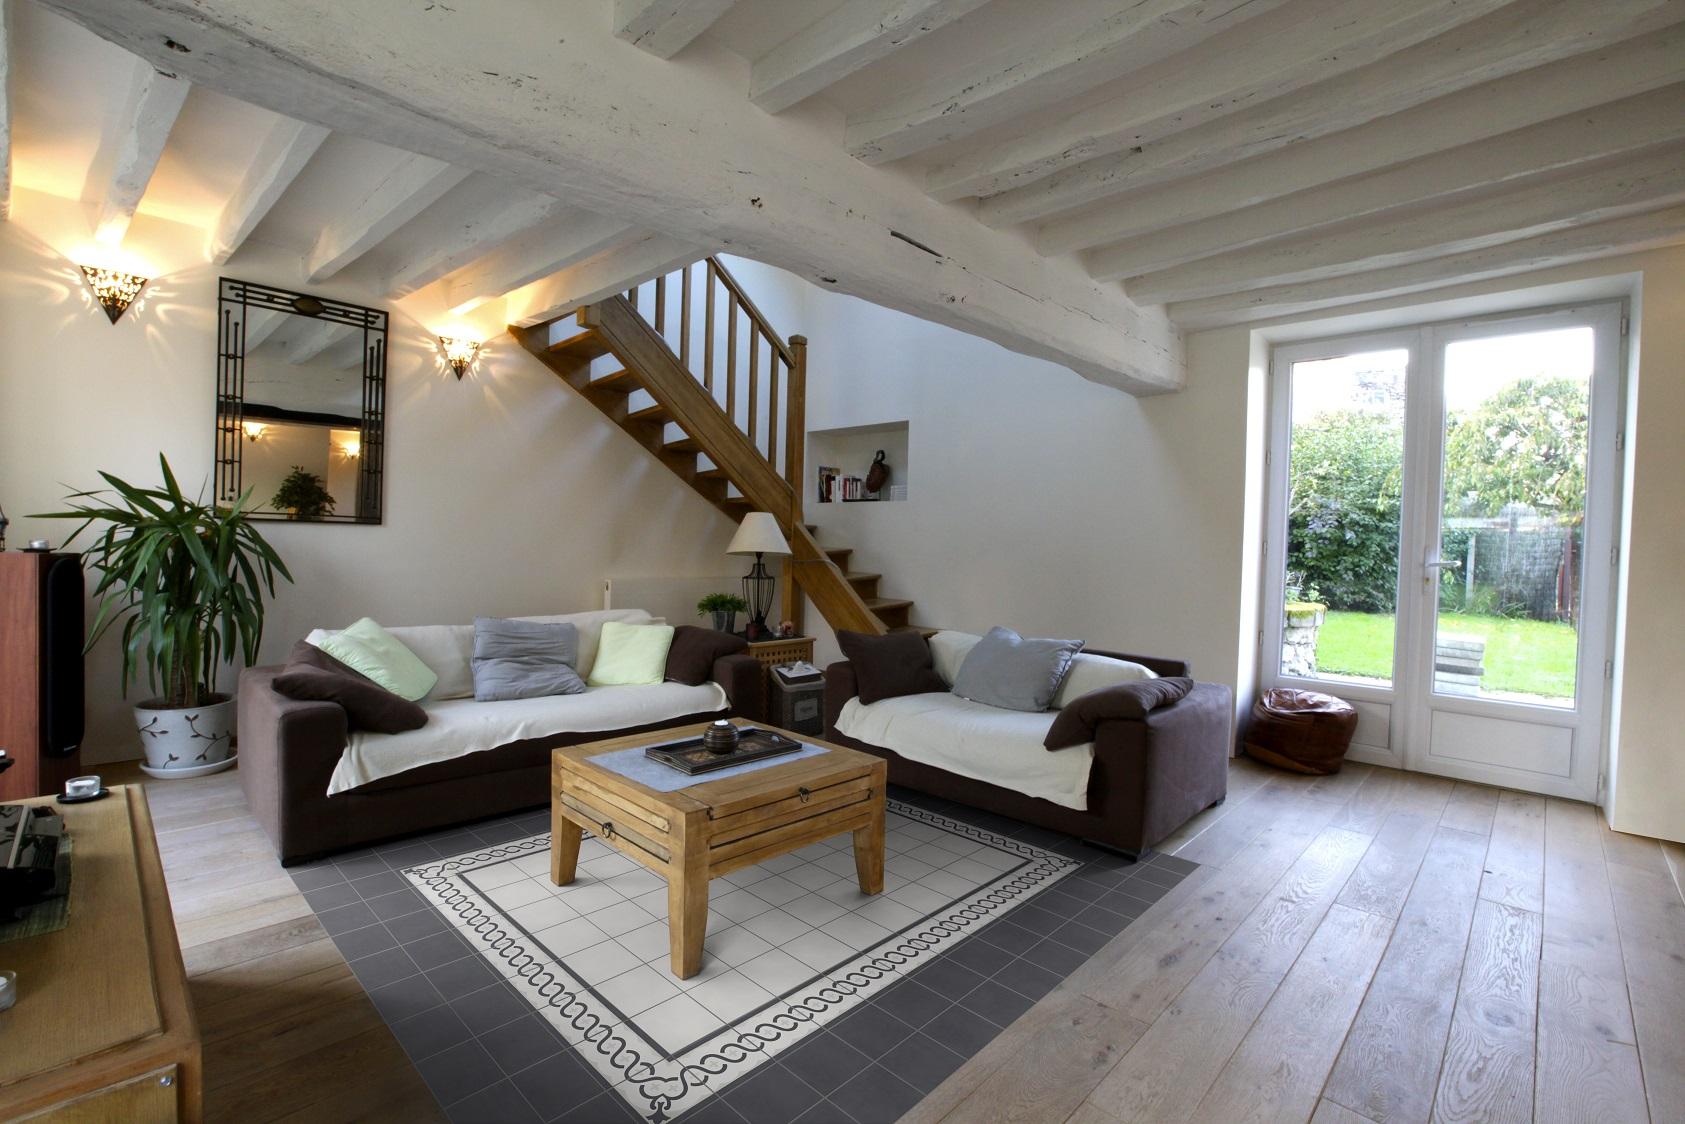 bati orient zementfliesen cs international ceramic stone by christian schmitt. Black Bedroom Furniture Sets. Home Design Ideas